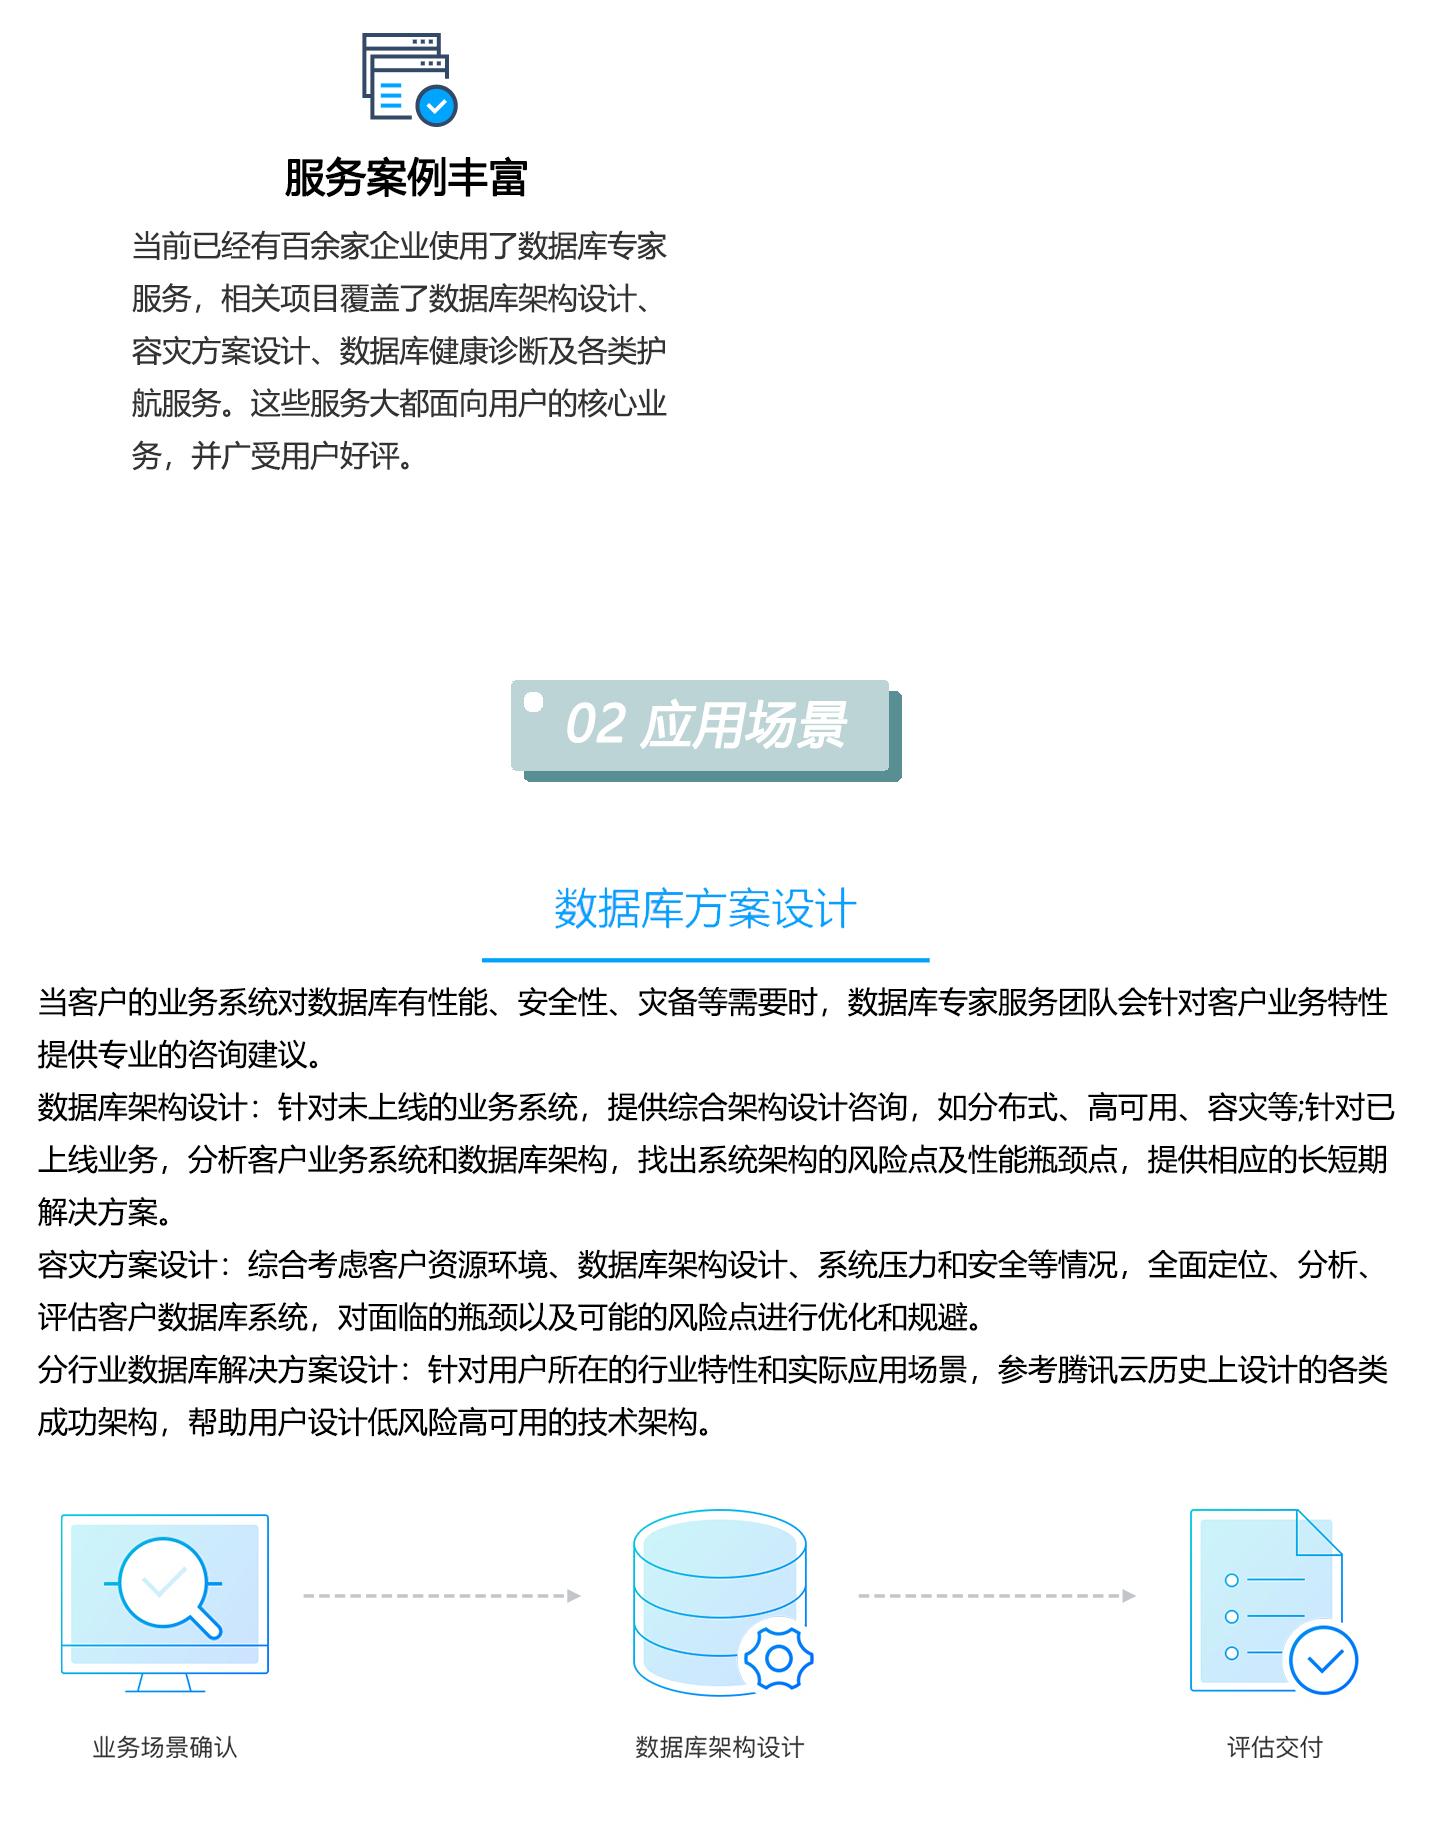 数据库专家服务-DES-1440_02.jpg